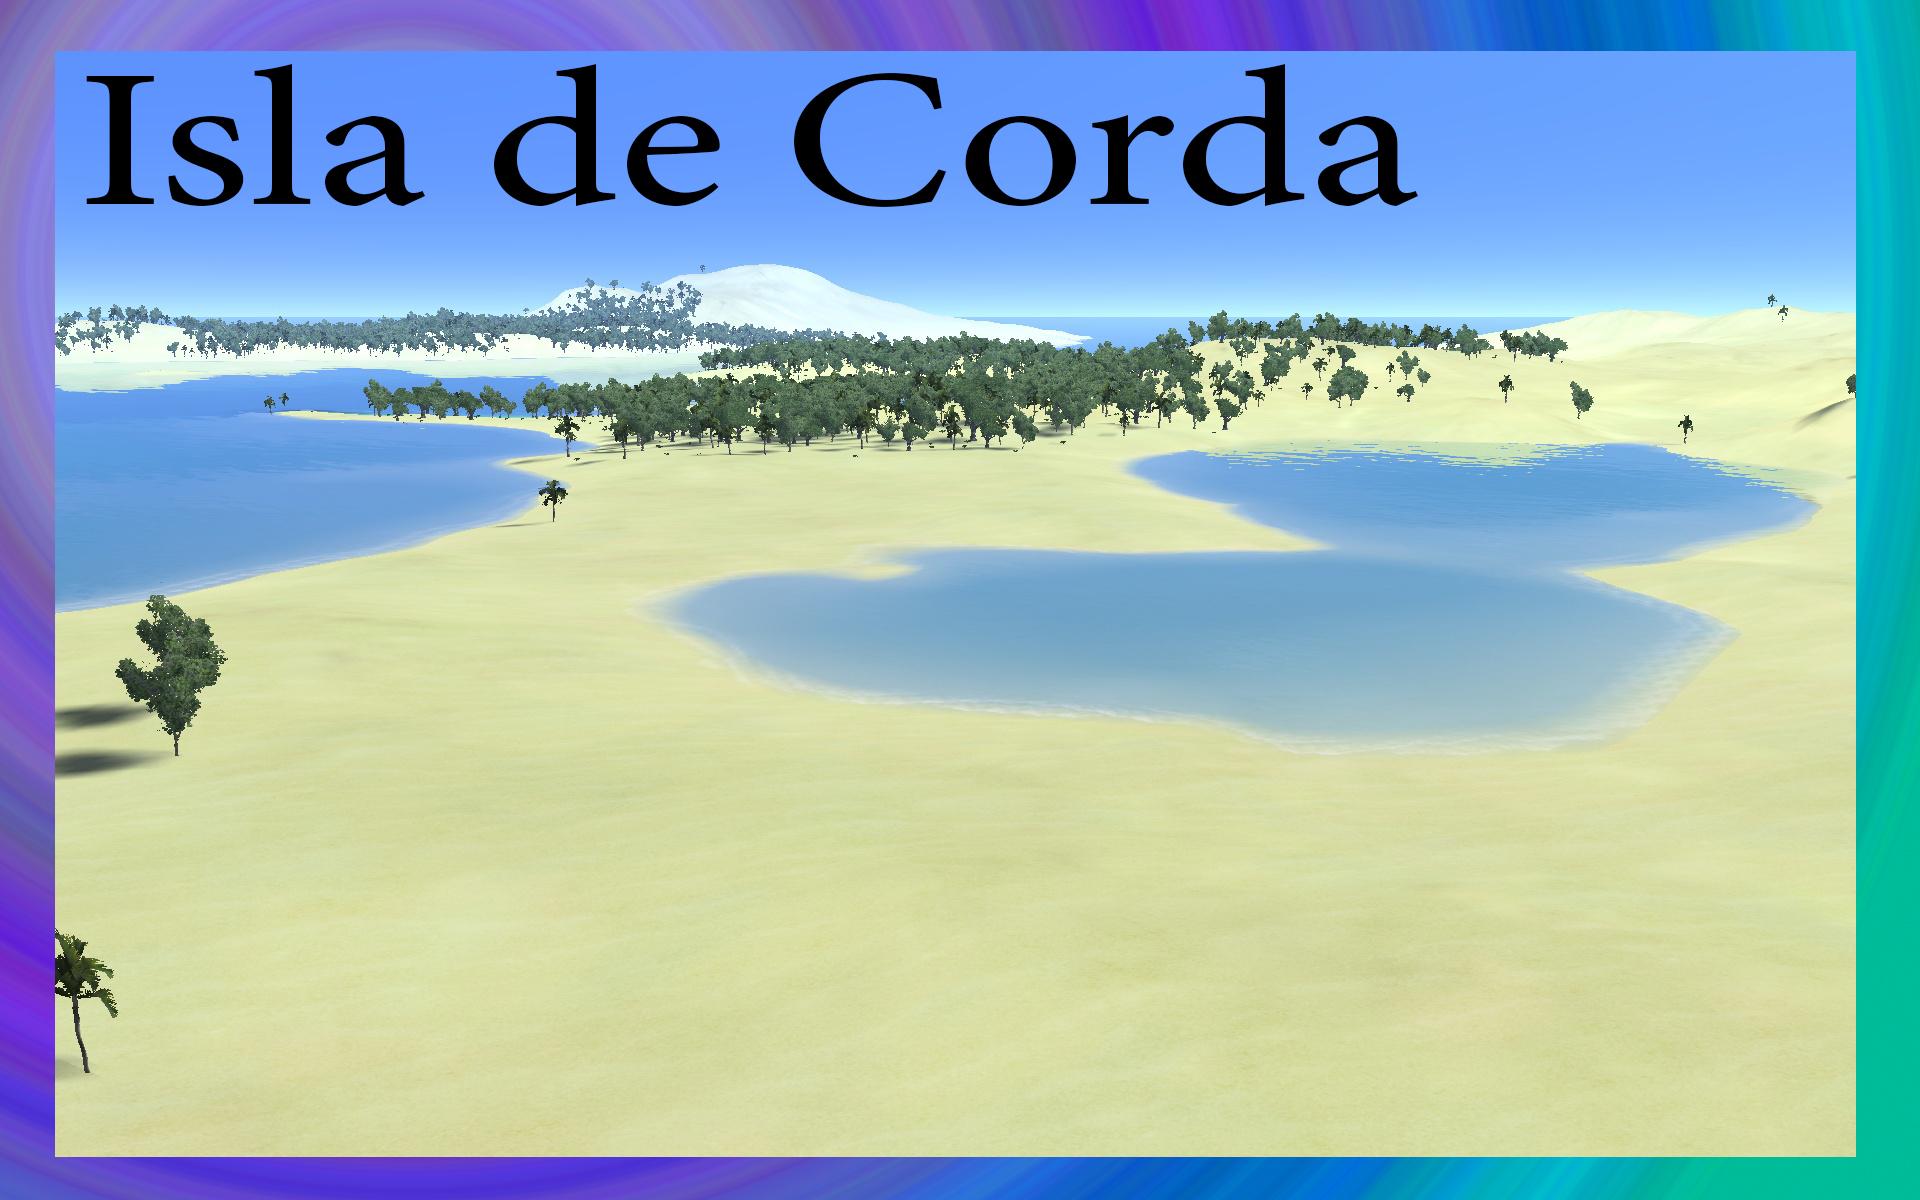 Decorda01.jpg